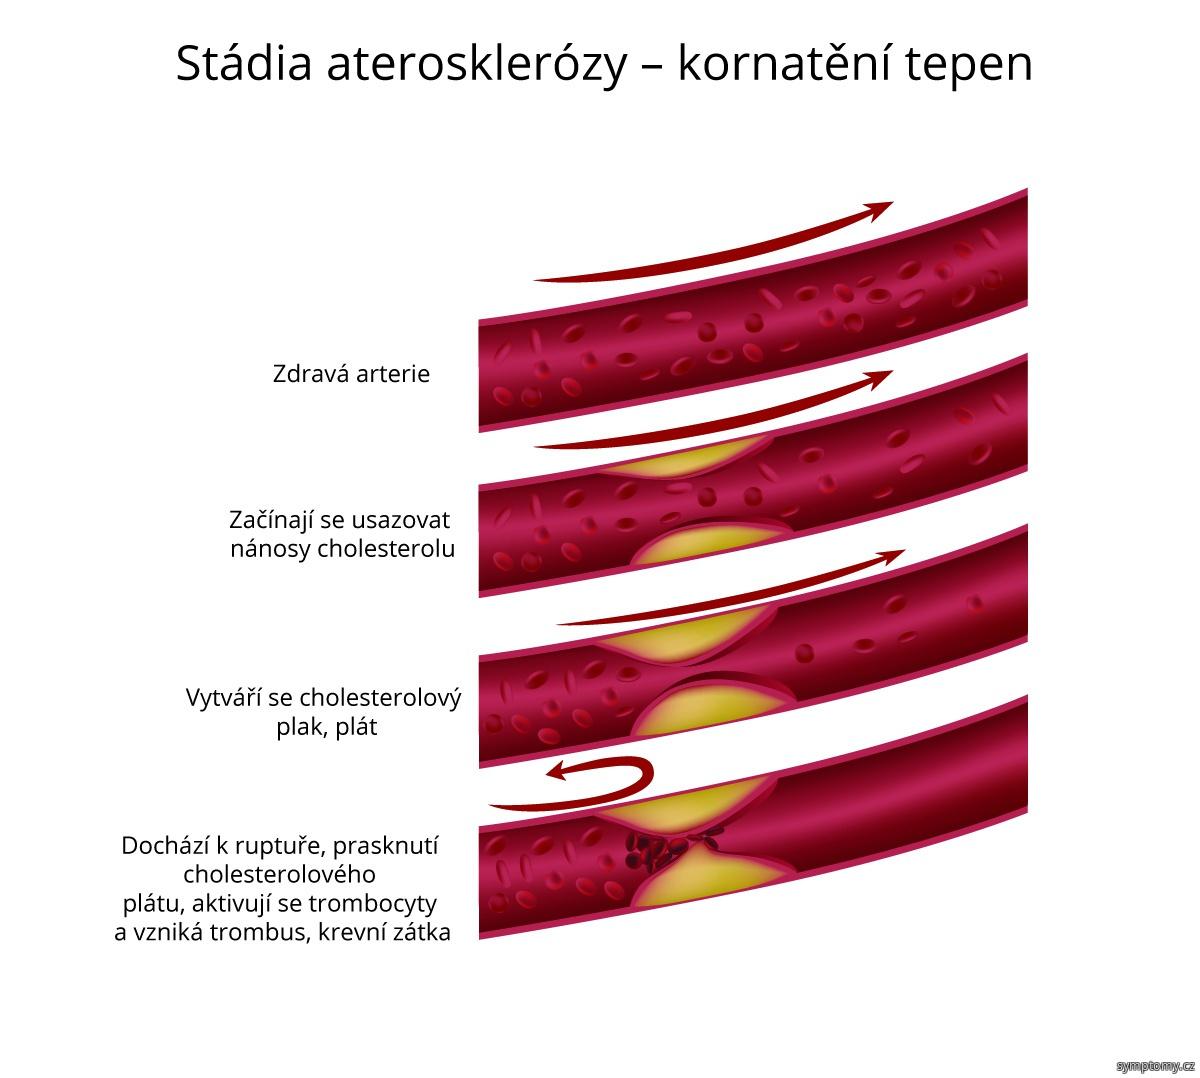 Stádia aterosklerózy - kornatění tepen